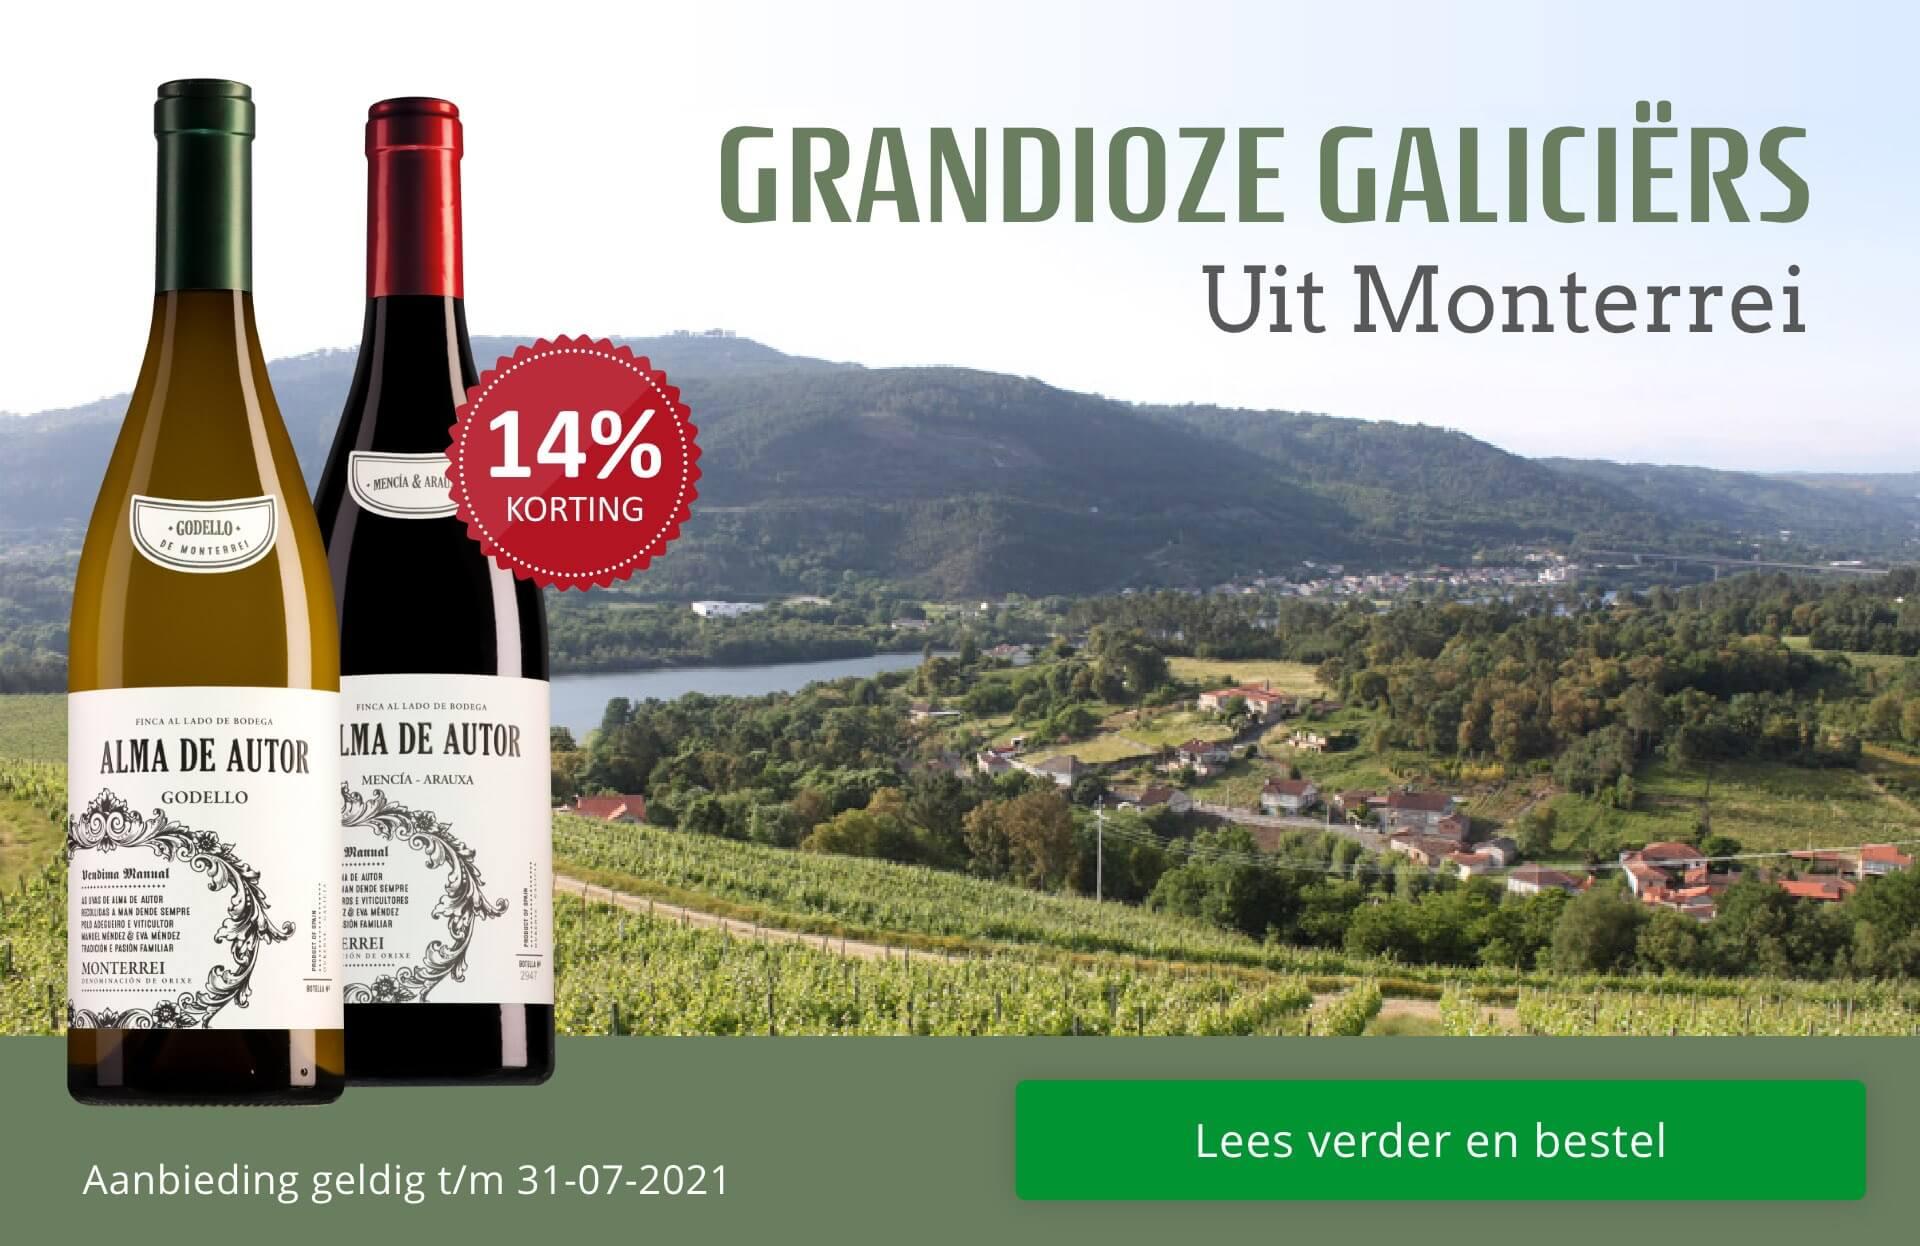 Grandioze Galiciërs uit Monterrei